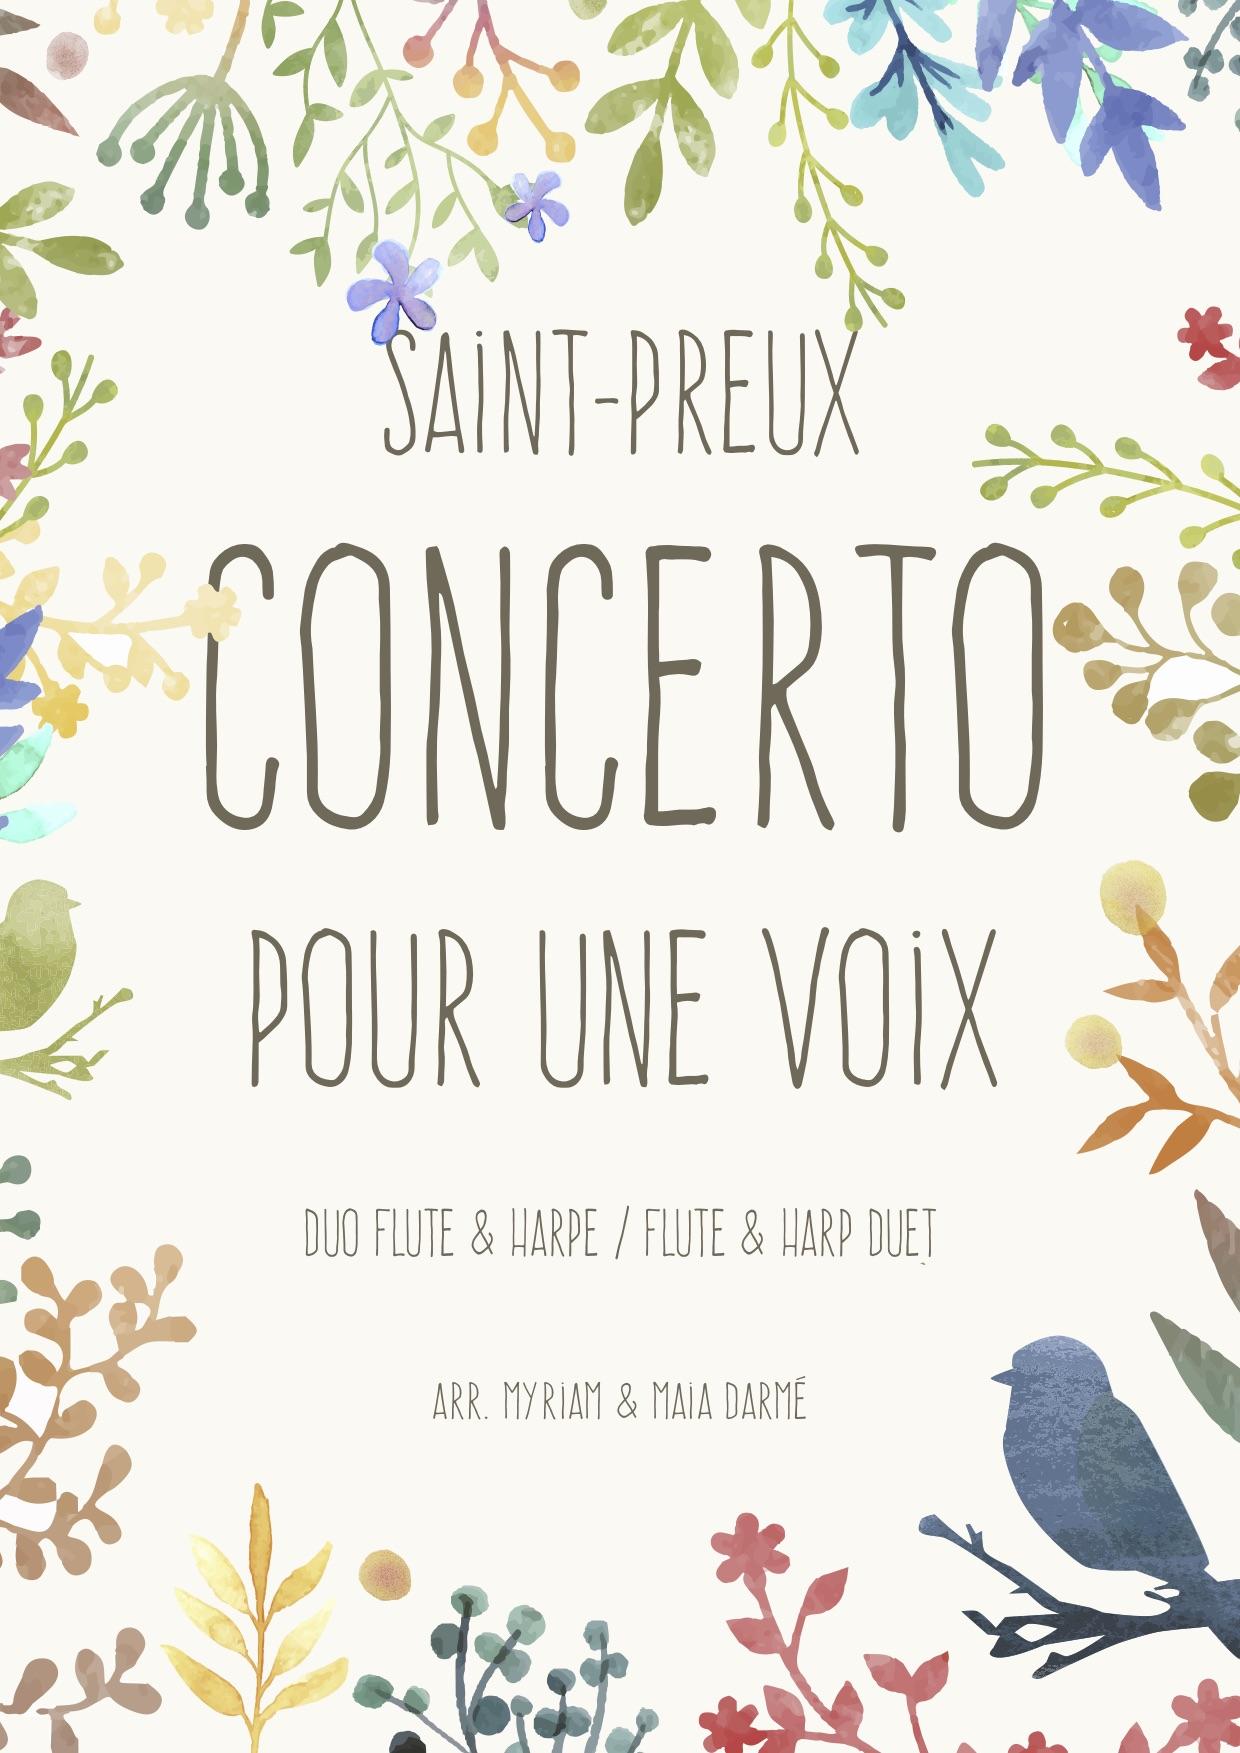 Couverture-concerto-pour-une-voix.jpg